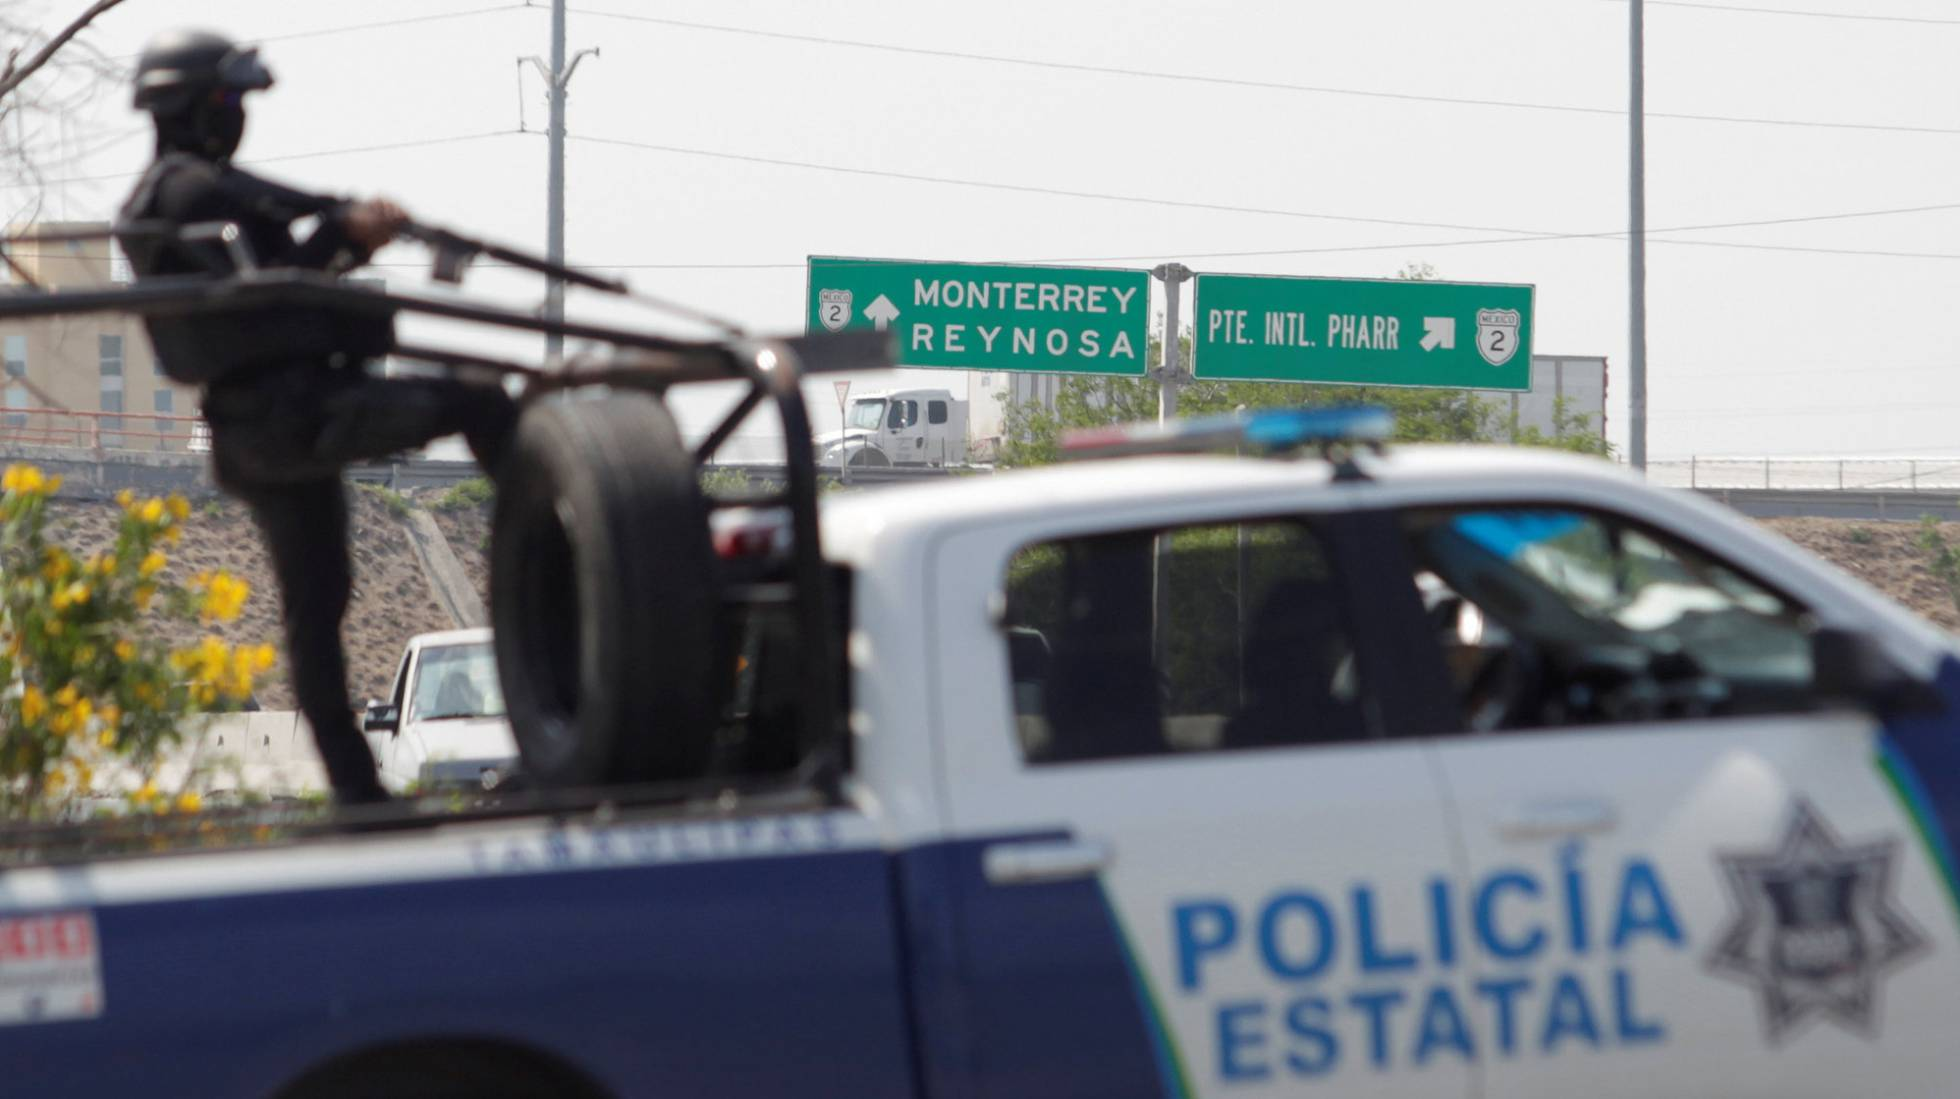 Un enfrentamiento entre bandas de narcotraficantes deja 21 muertos en el Estado mexicano de Tamaulipas